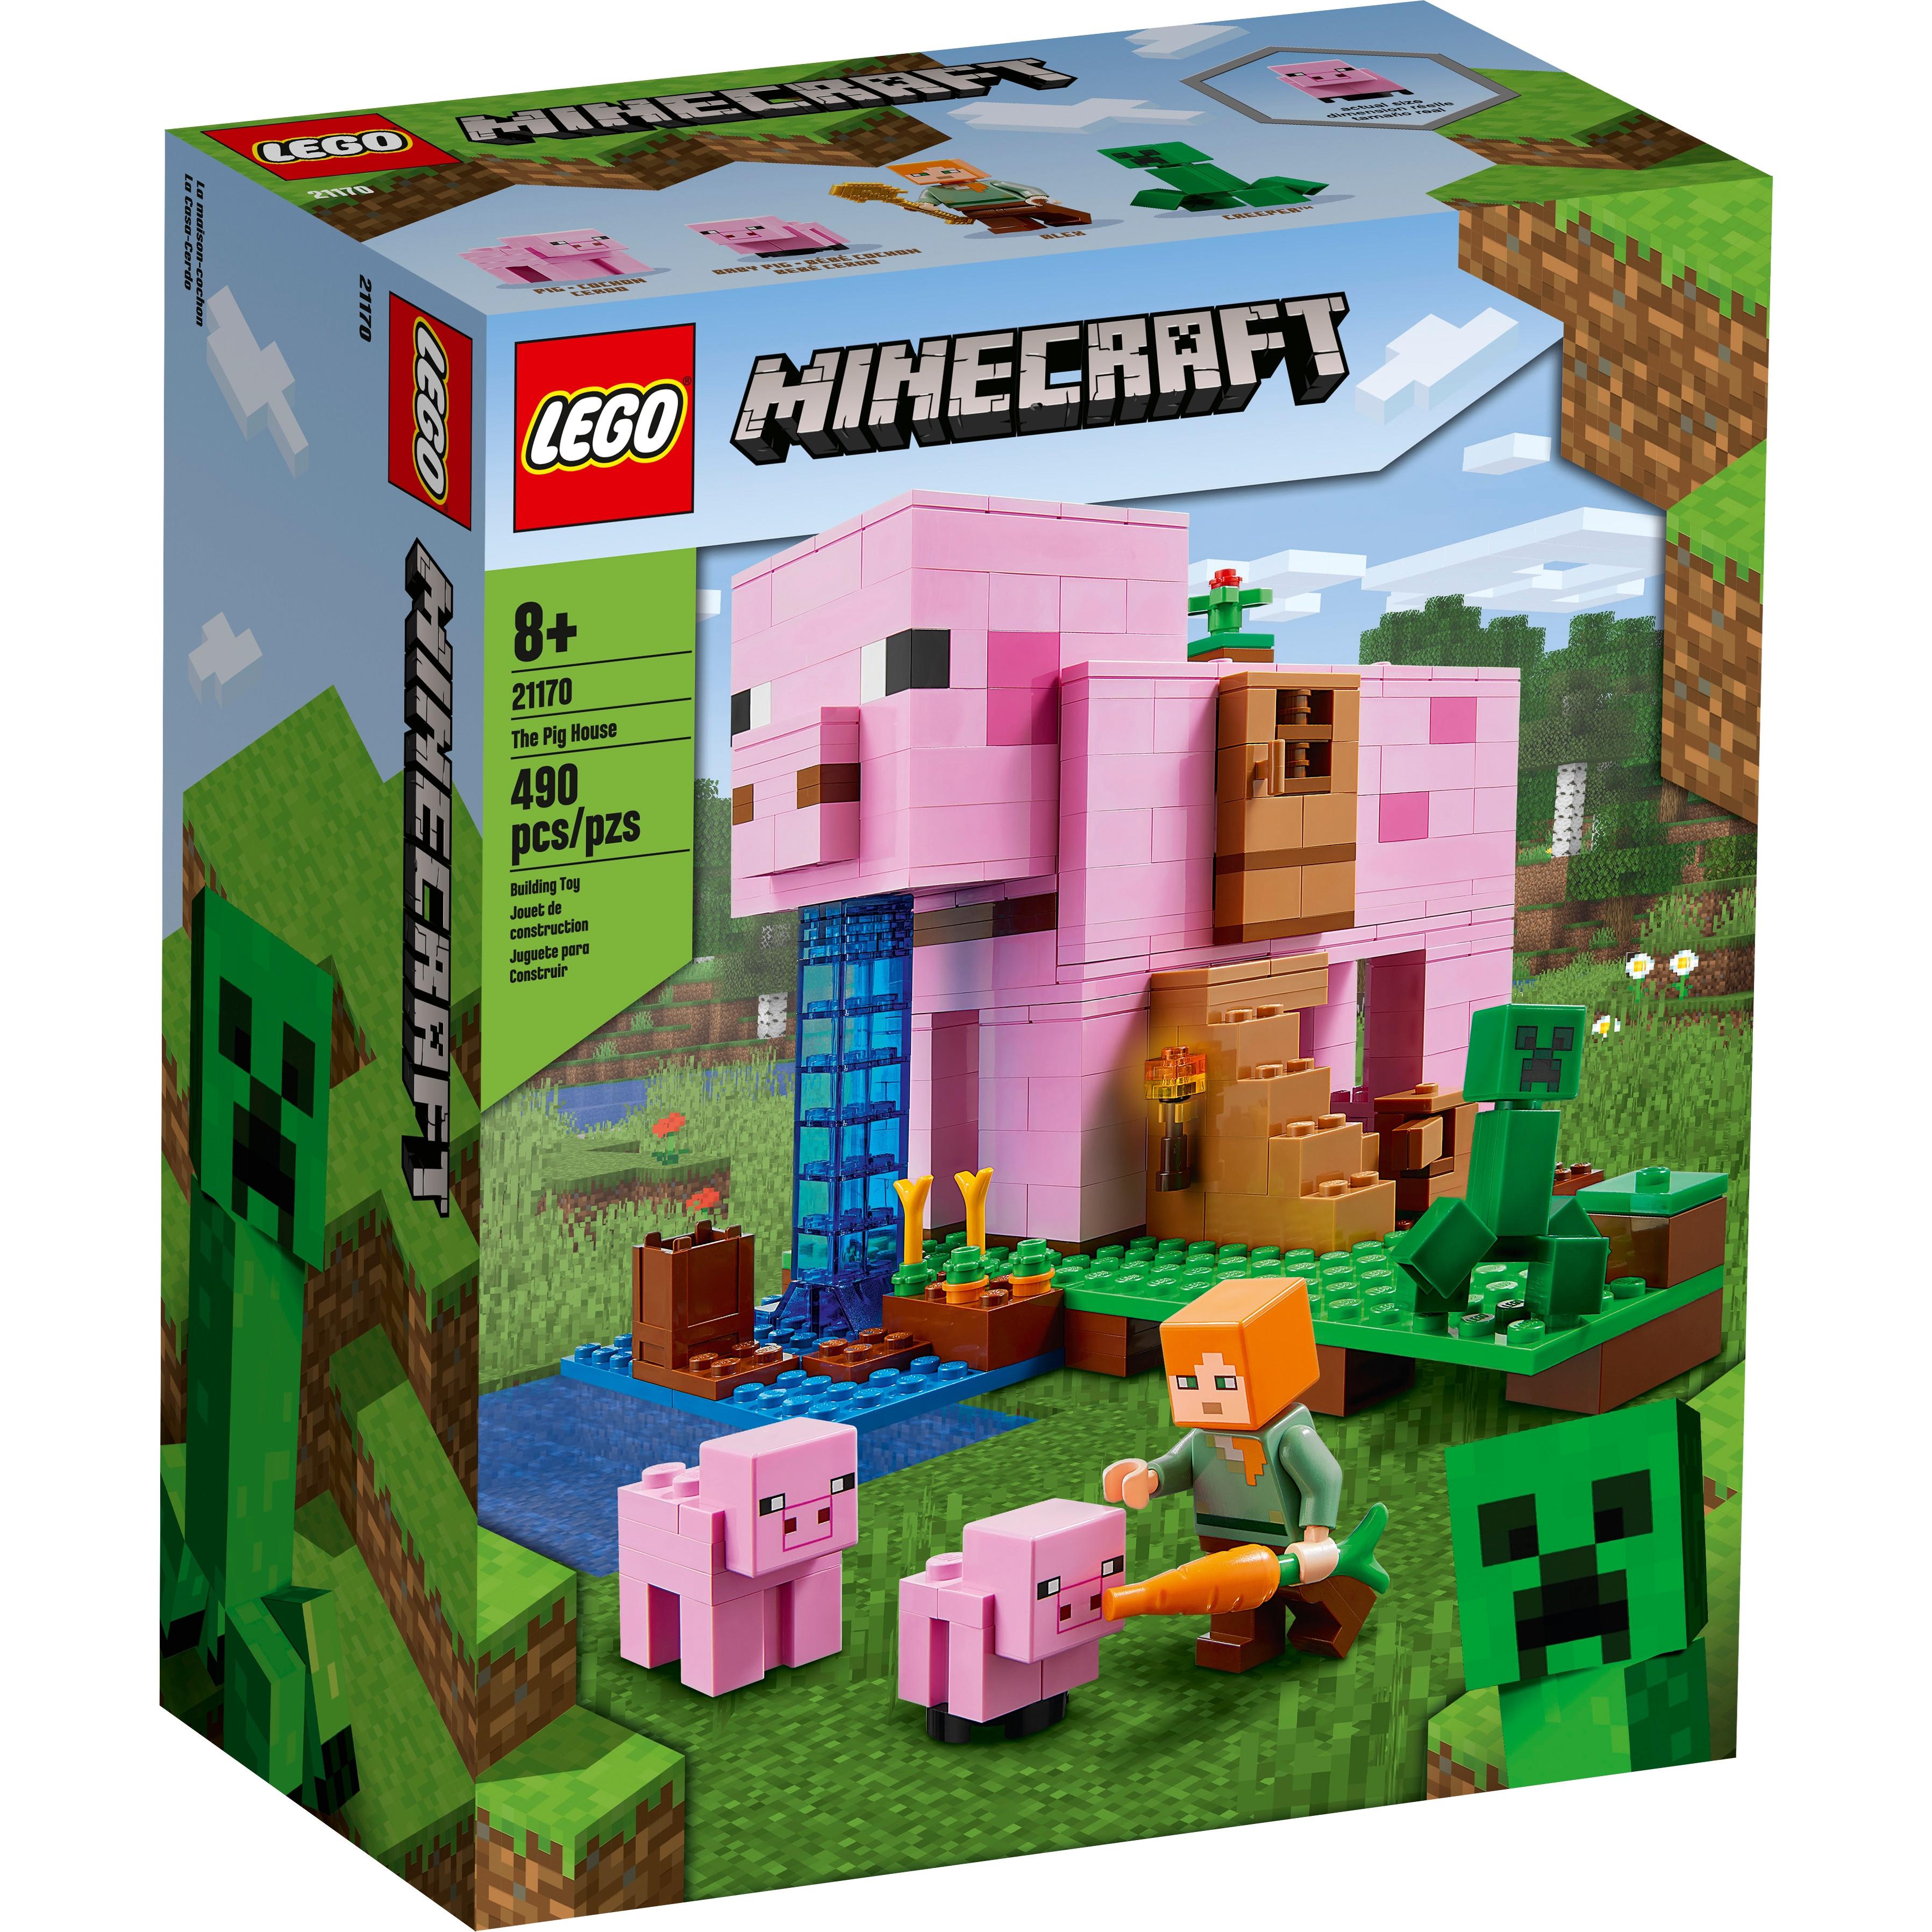 Đồ chơi LEGO Minecraft Ngôi Nhà Heo 21170